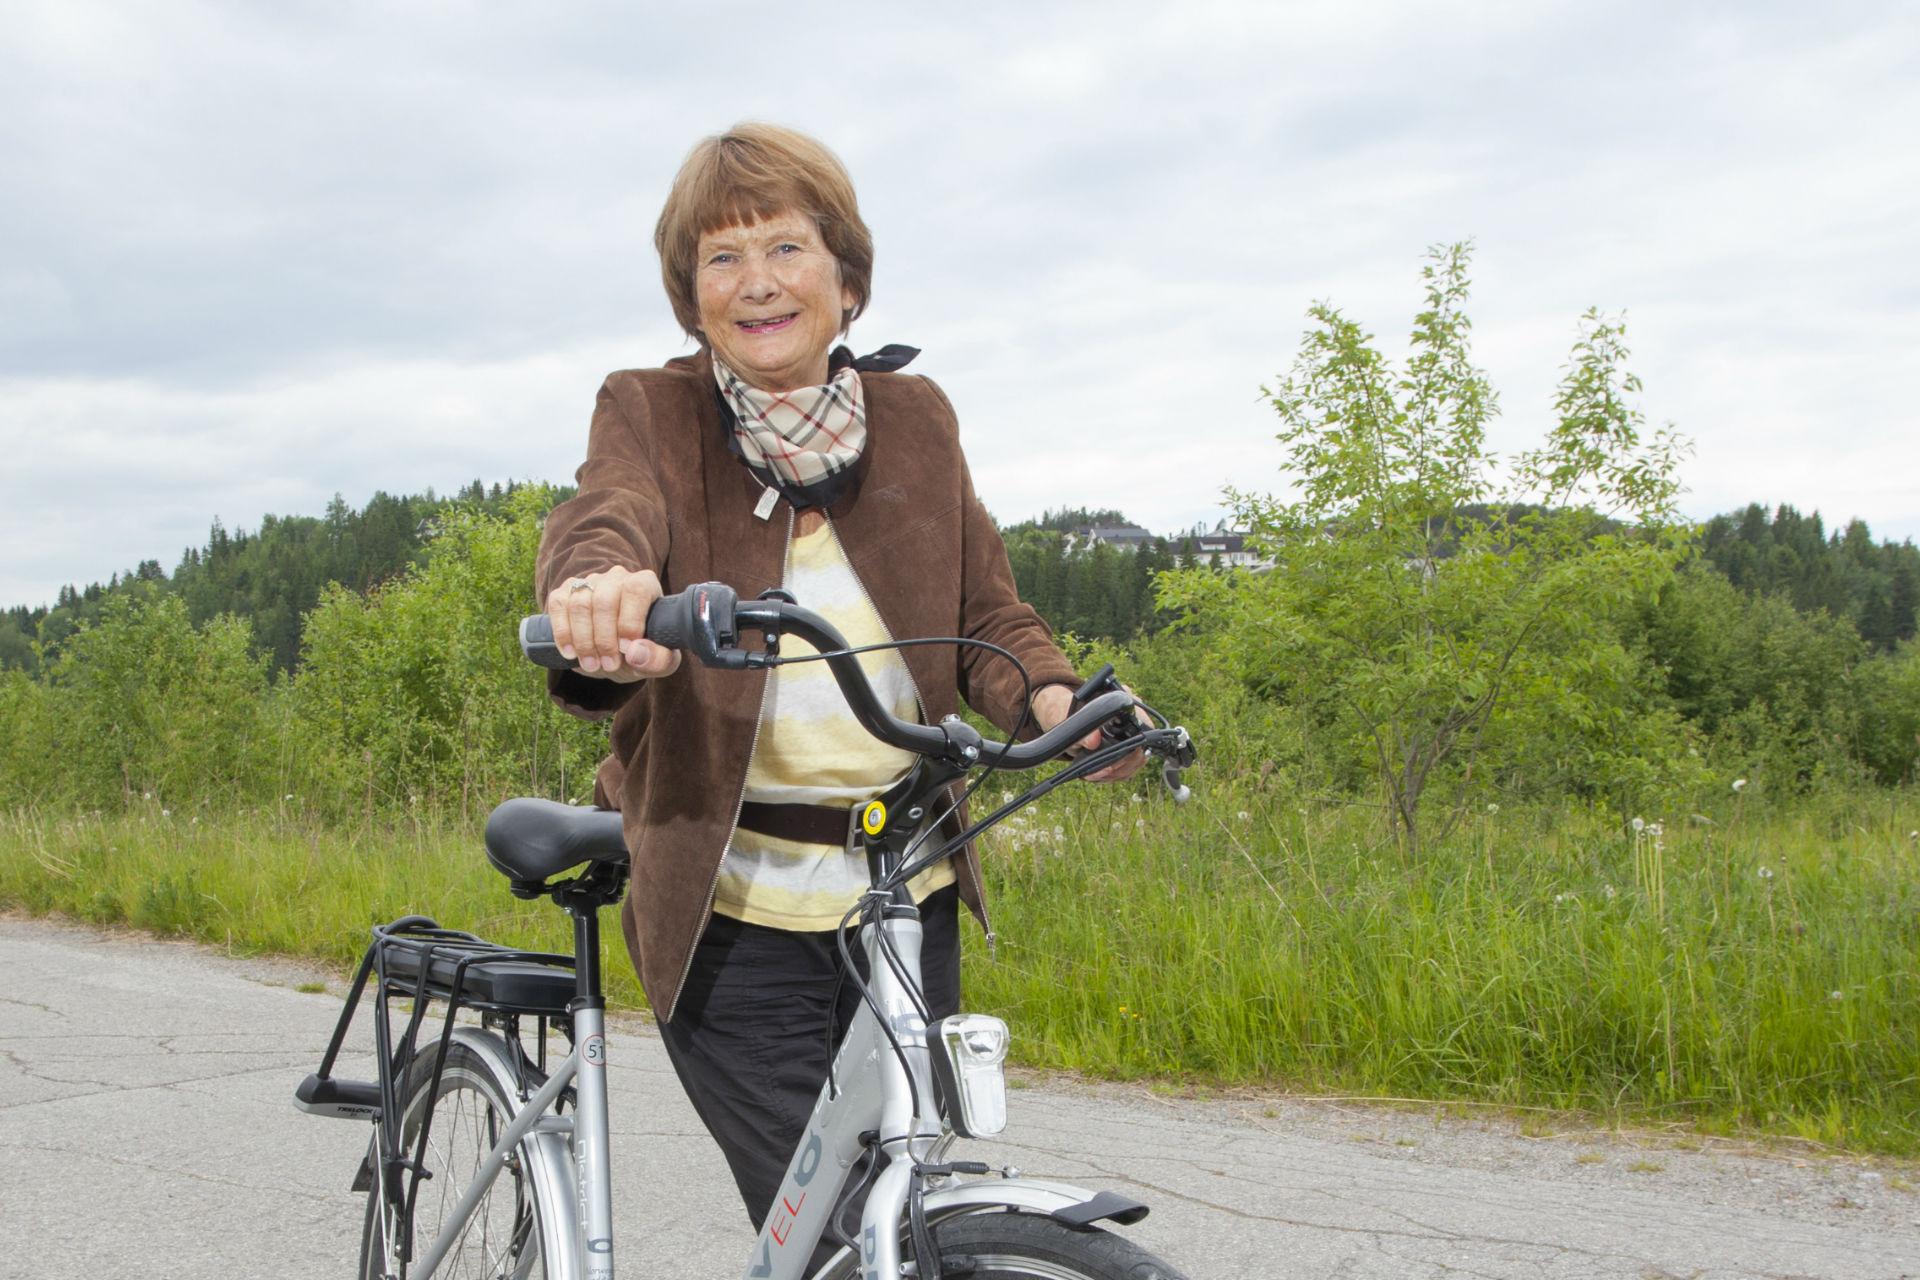 Kundecase - Klara Kristin er glad for at hun endelig kan sykle igjen. Nylig gikk hun til anskaffelse av en ny el-sykkel.